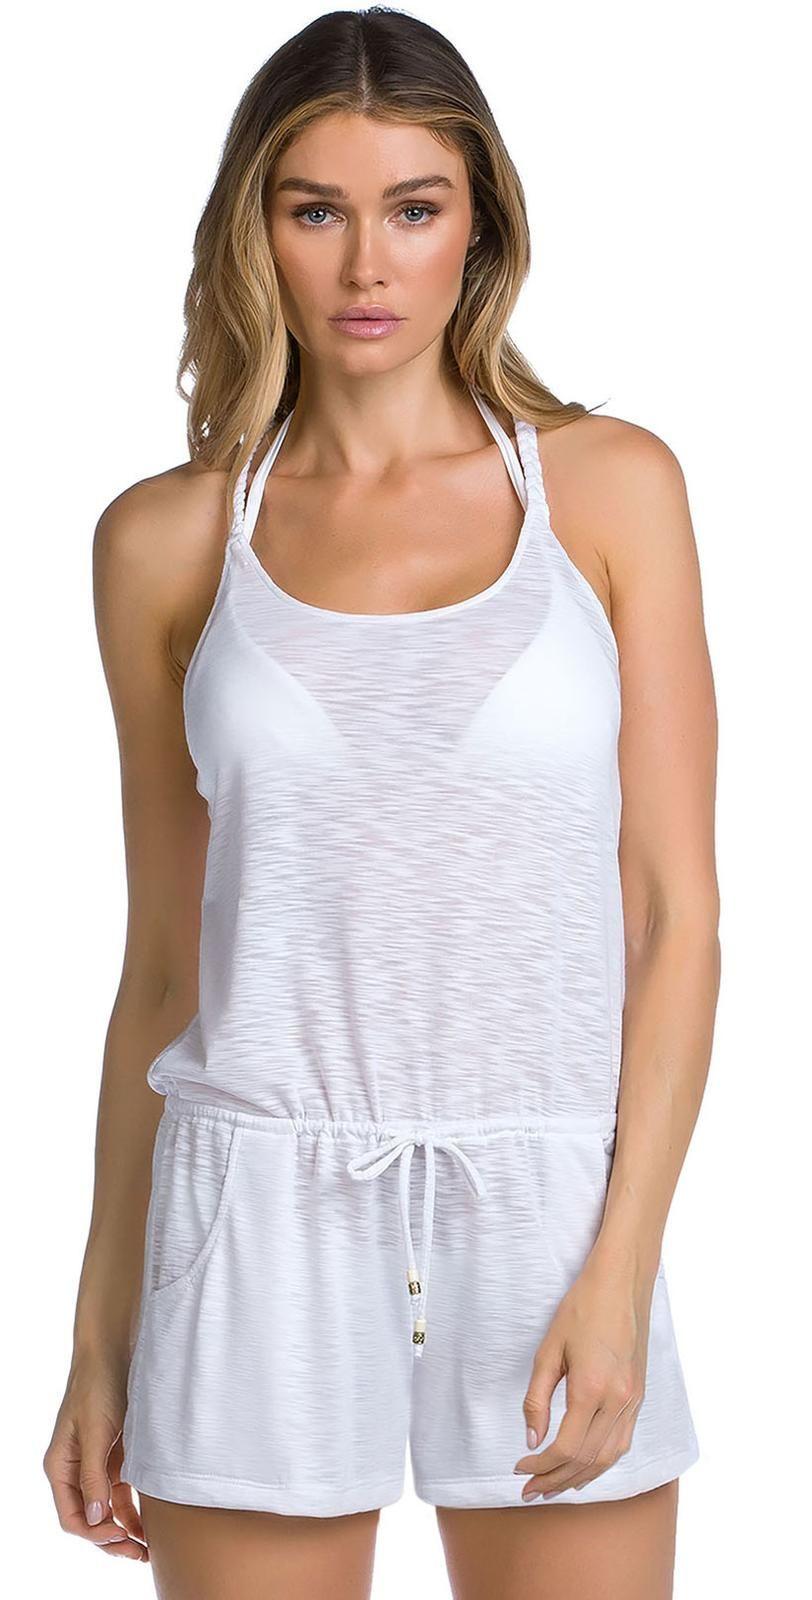 6e5a517562c2c Becca Breezy Basics High Neck Romper In White